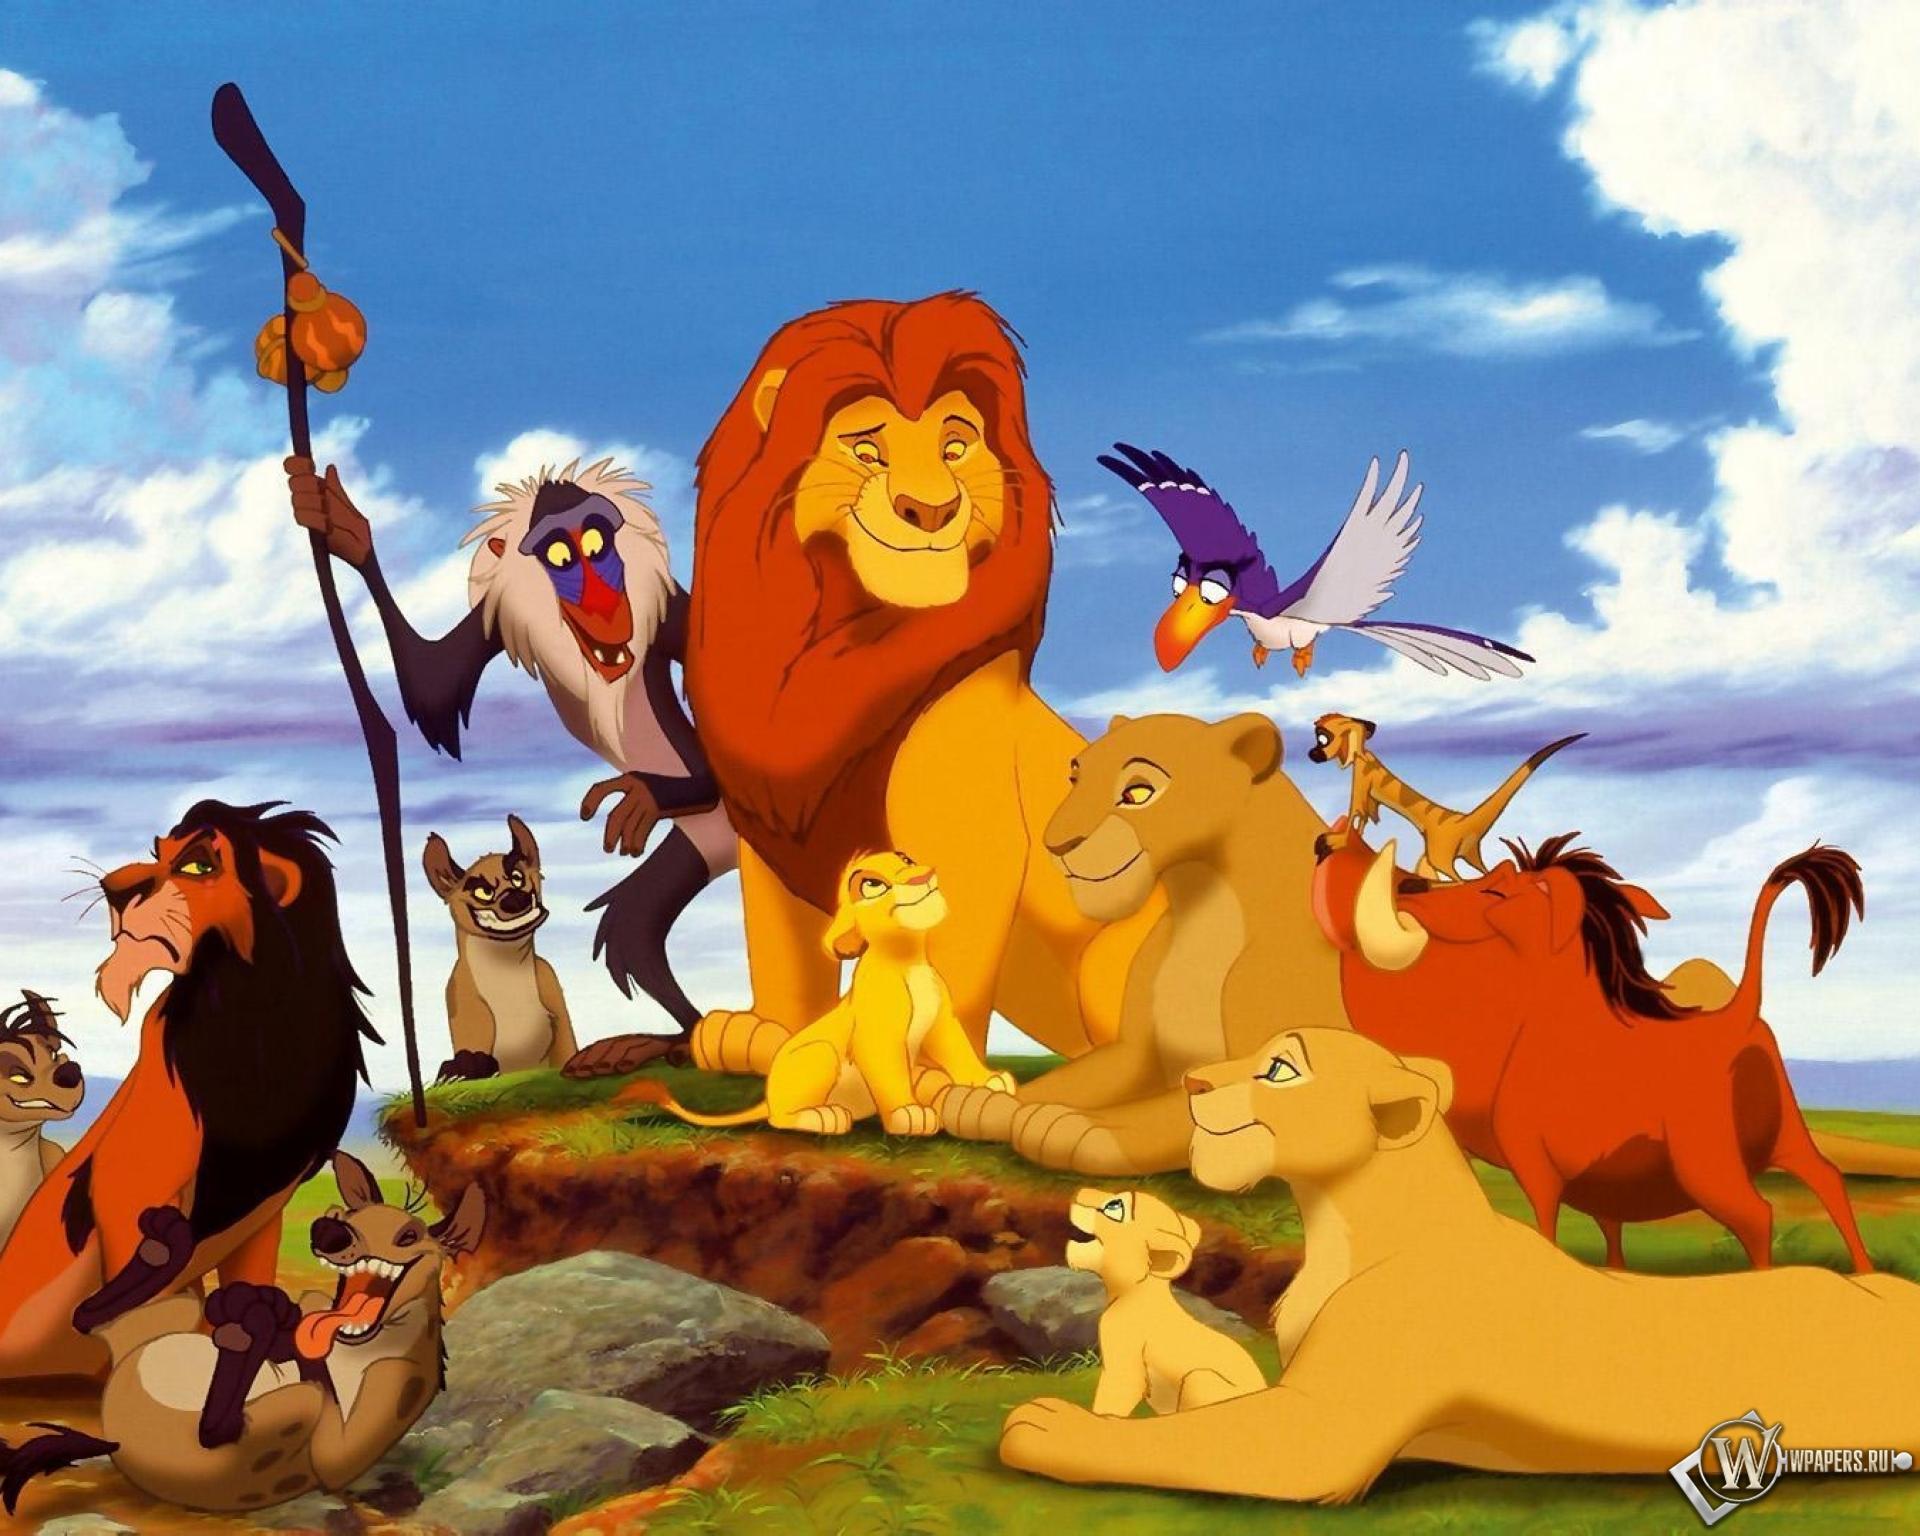 скачать картинки король лев